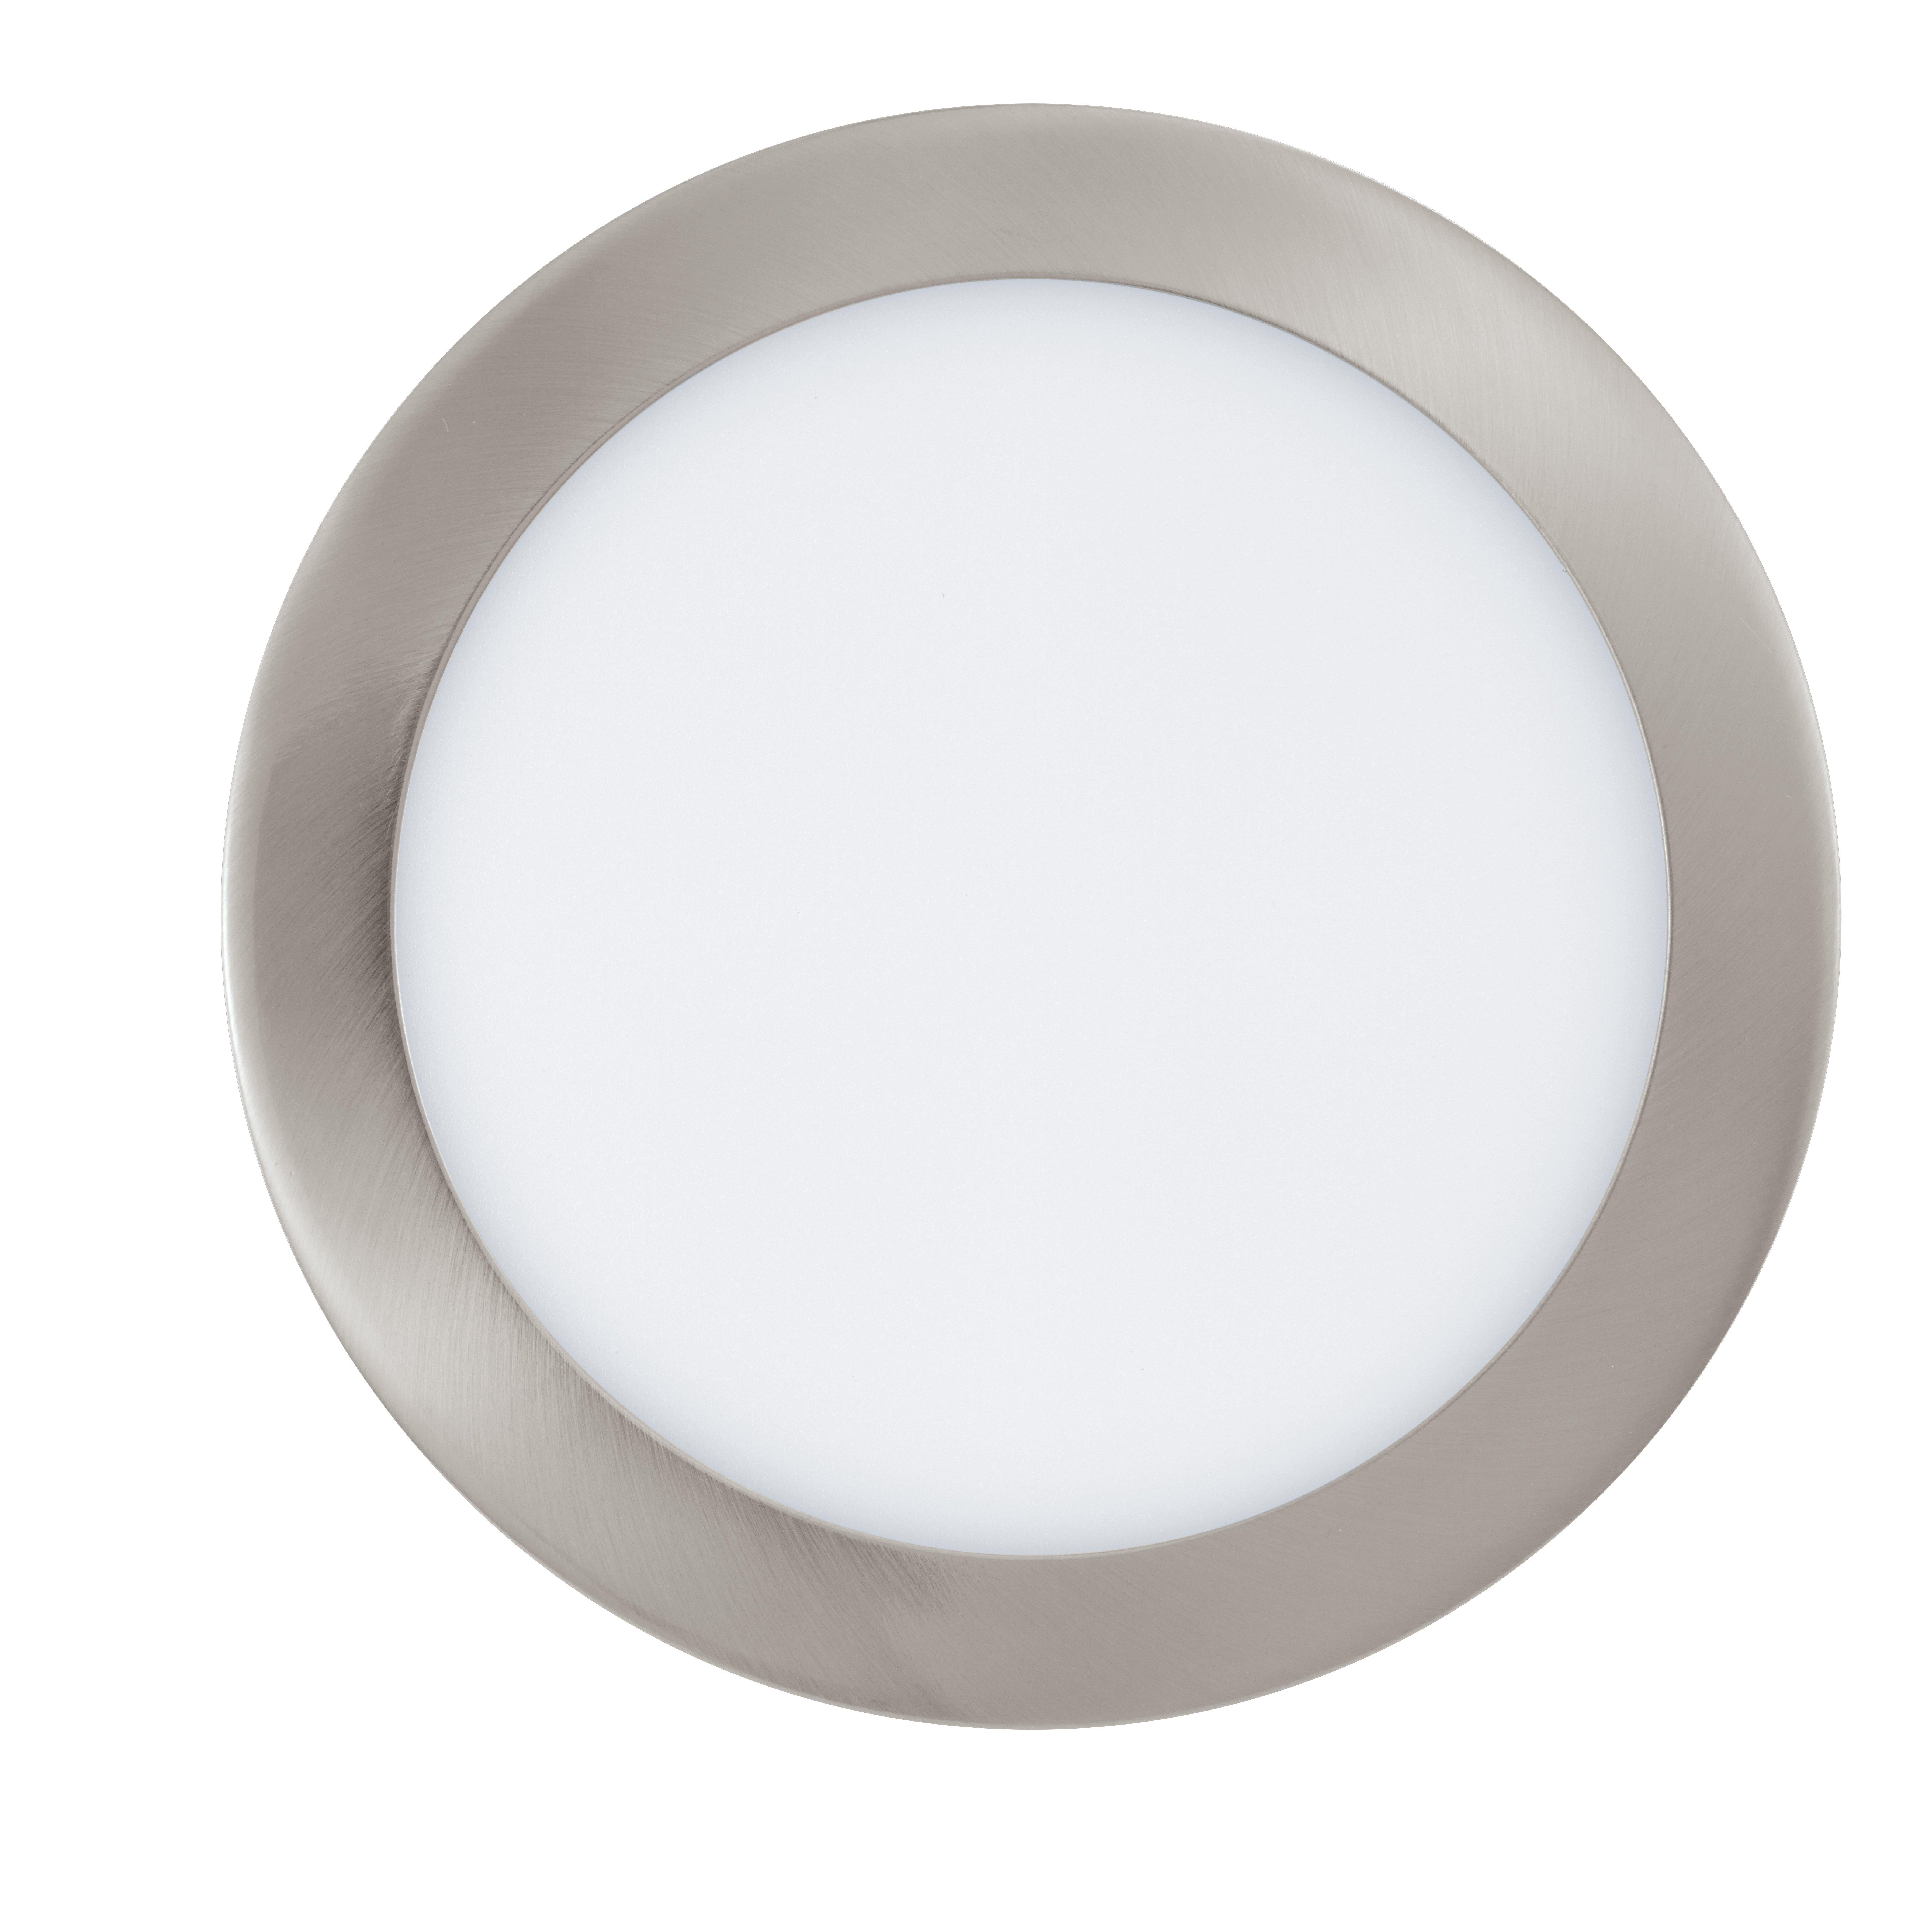 Einbauleuchte FUEVA-C nickel-matt